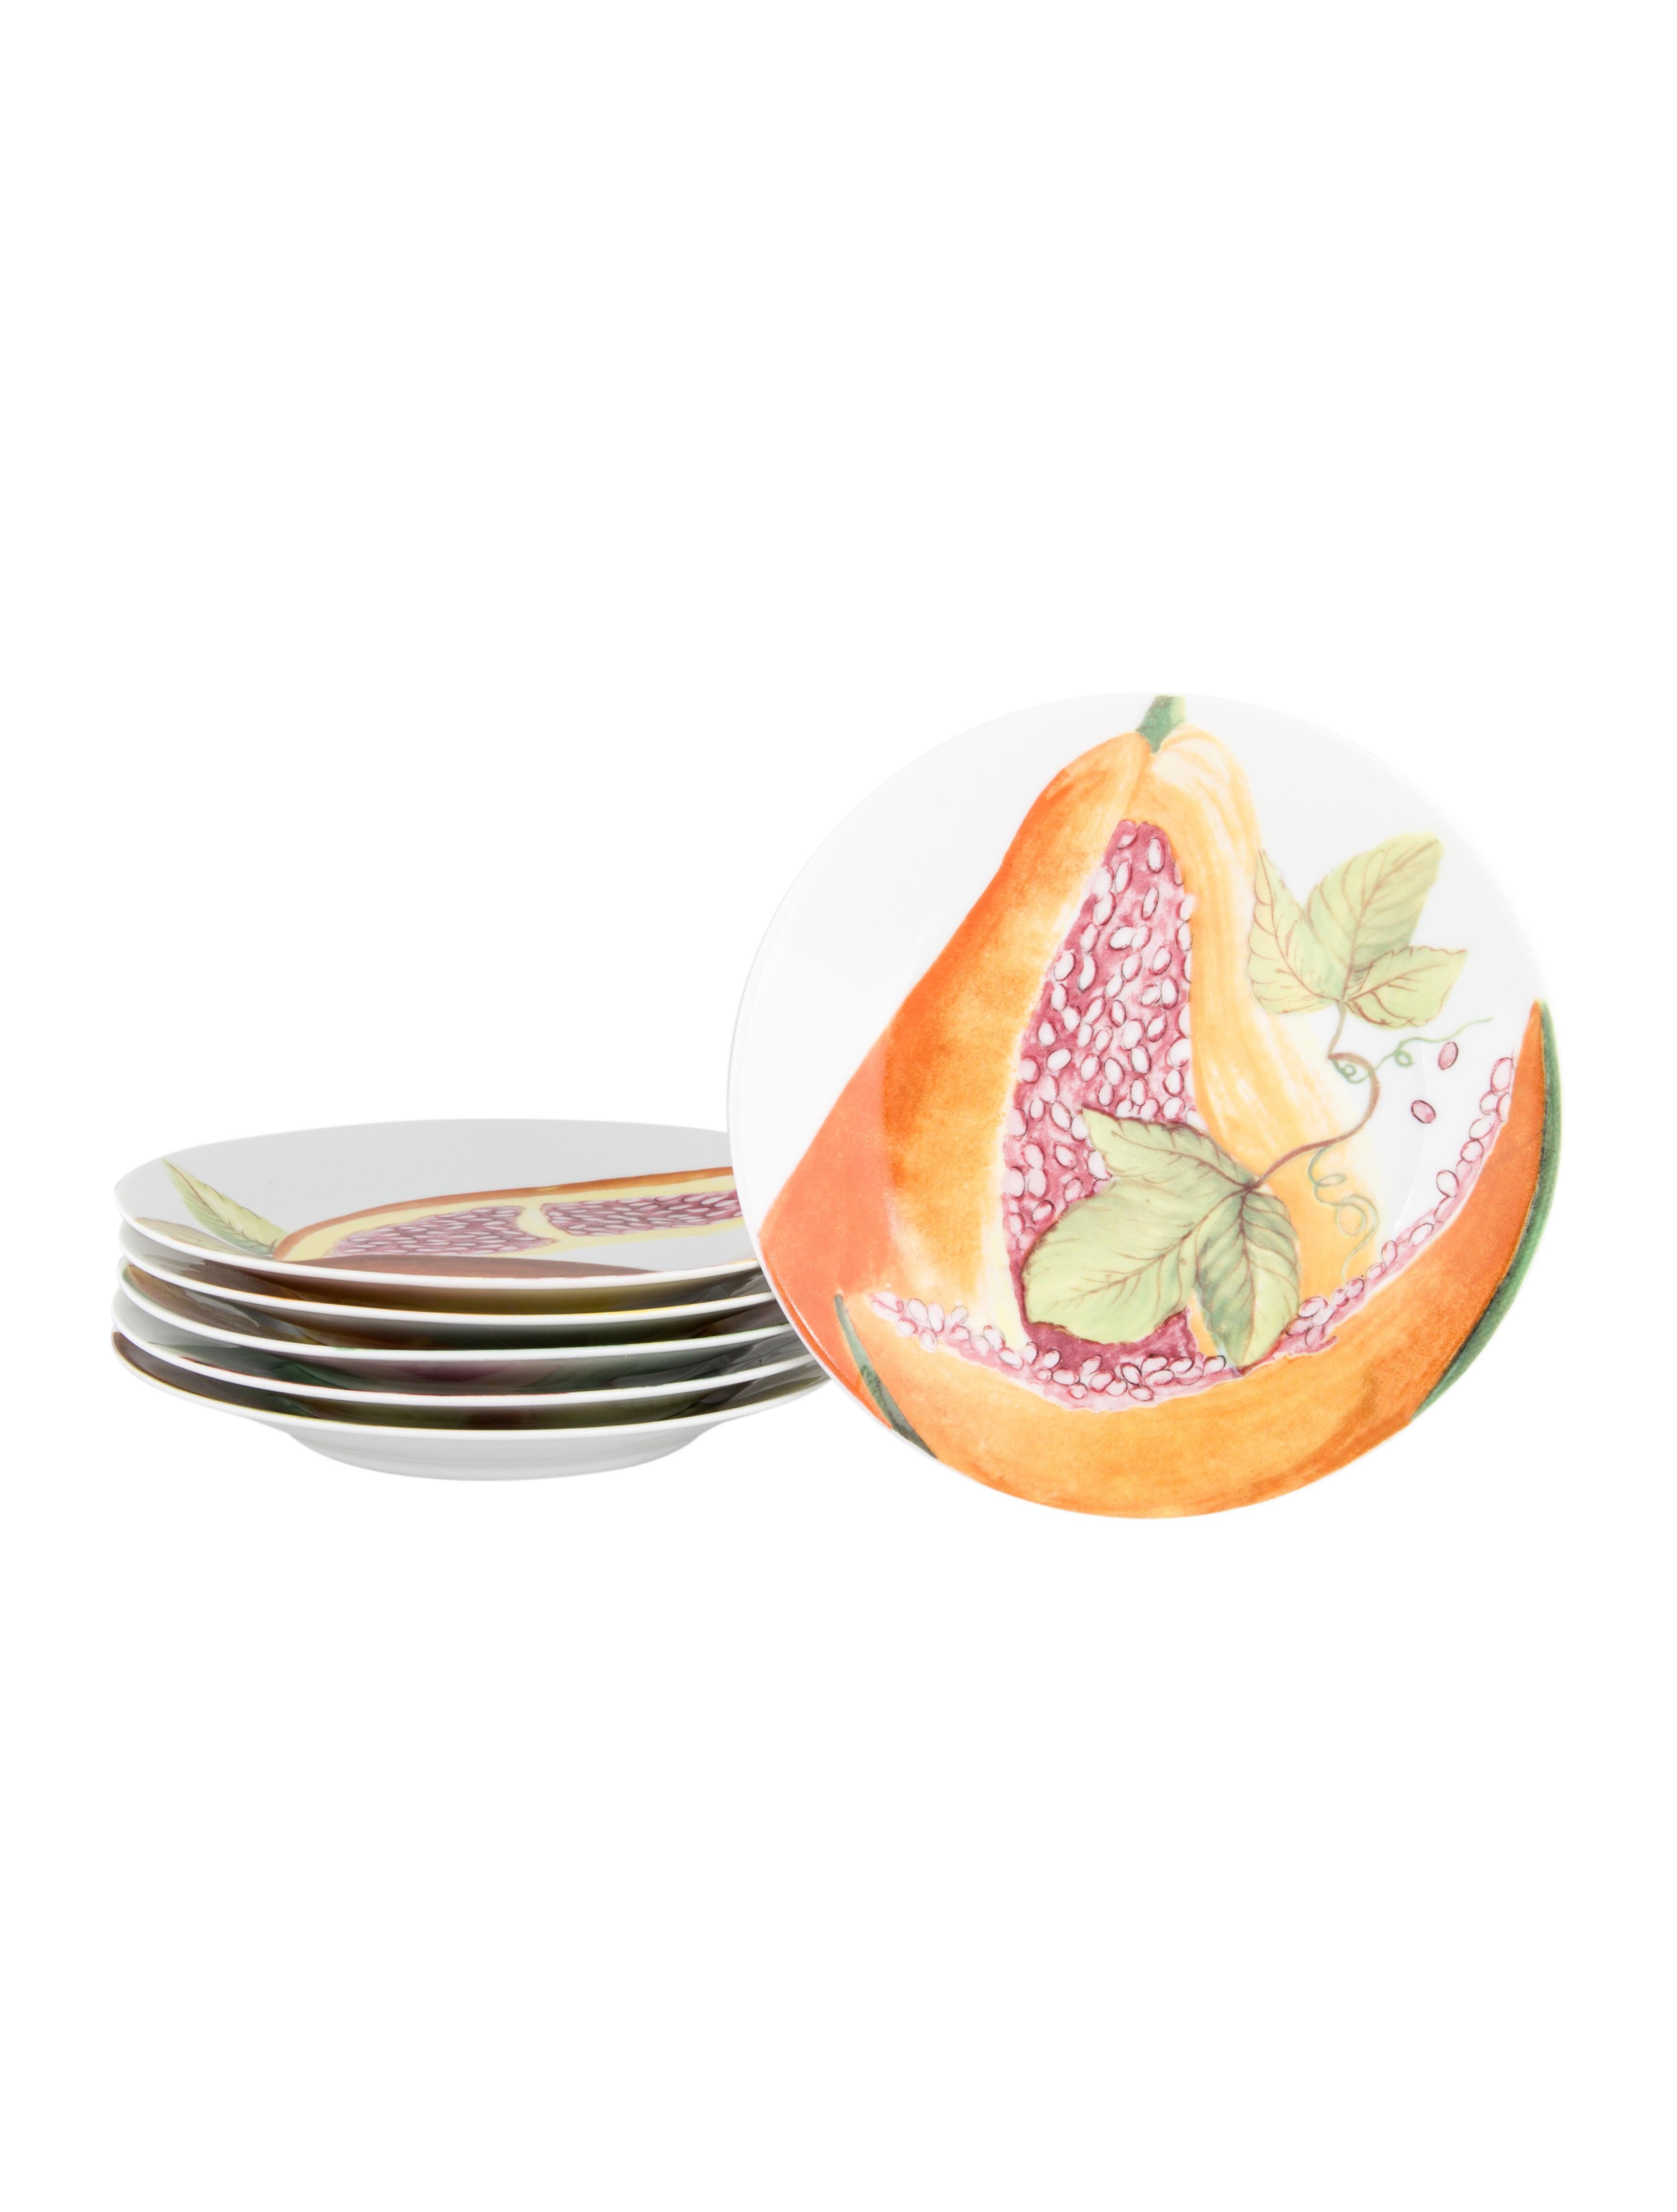 Philippe deshoulieres fruits exotiques canape plates for Philippe deshoulieres canape plates